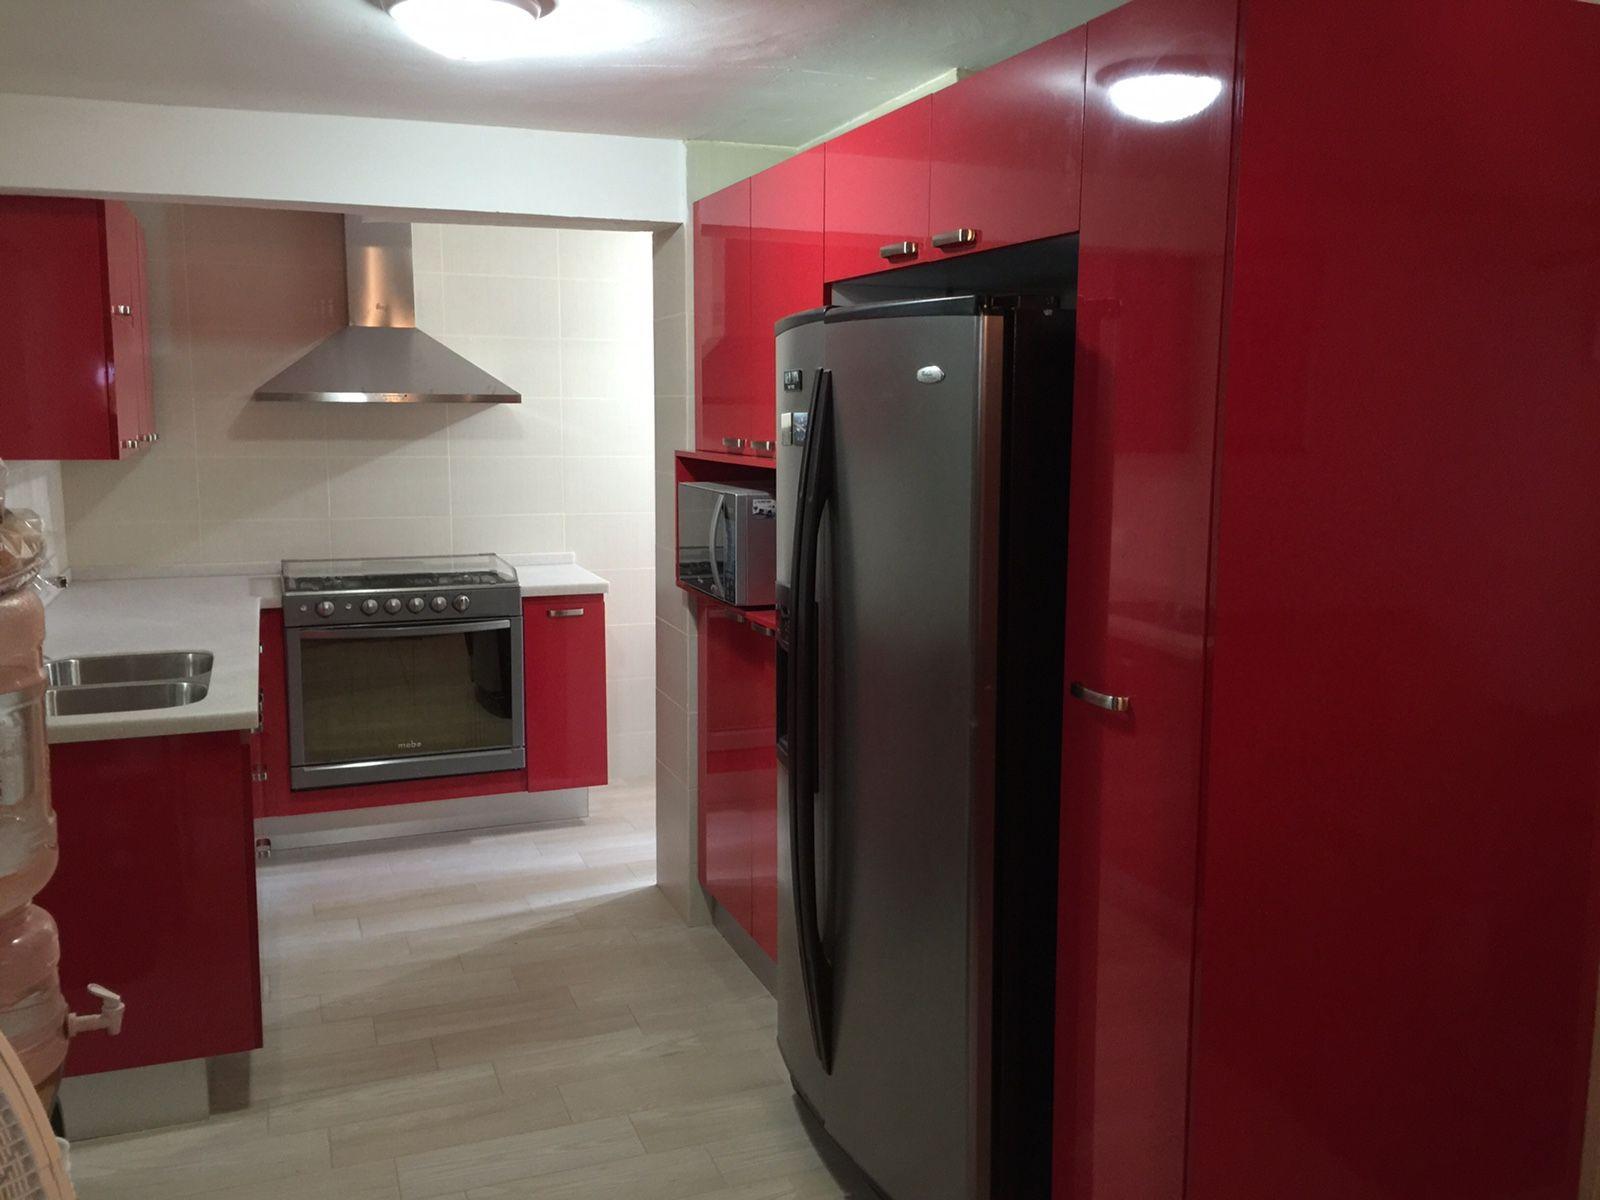 Cocina rojo brillante con cubierta de superficie s lida for Superficie cocina